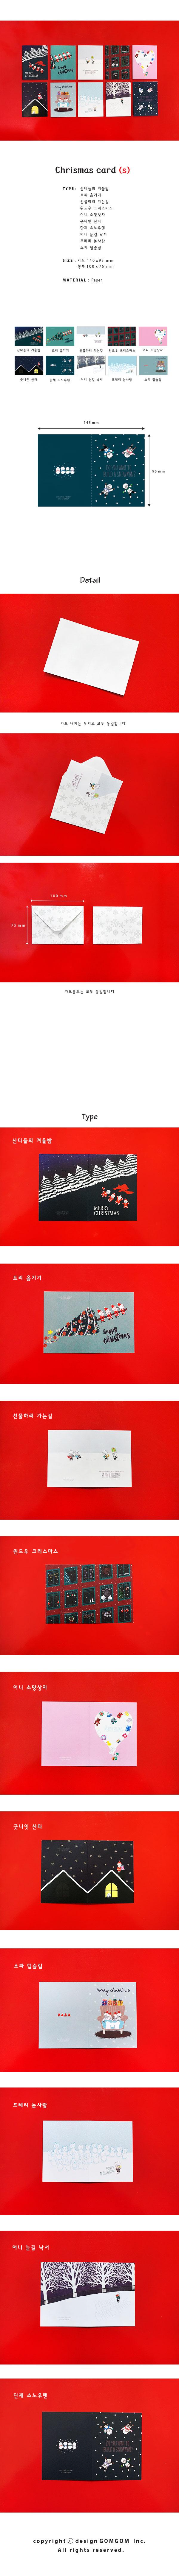 Chrismas card_(s) (10종 중 택 1) - 디자인곰곰, 1,000원, 카드, 크리스마스 카드